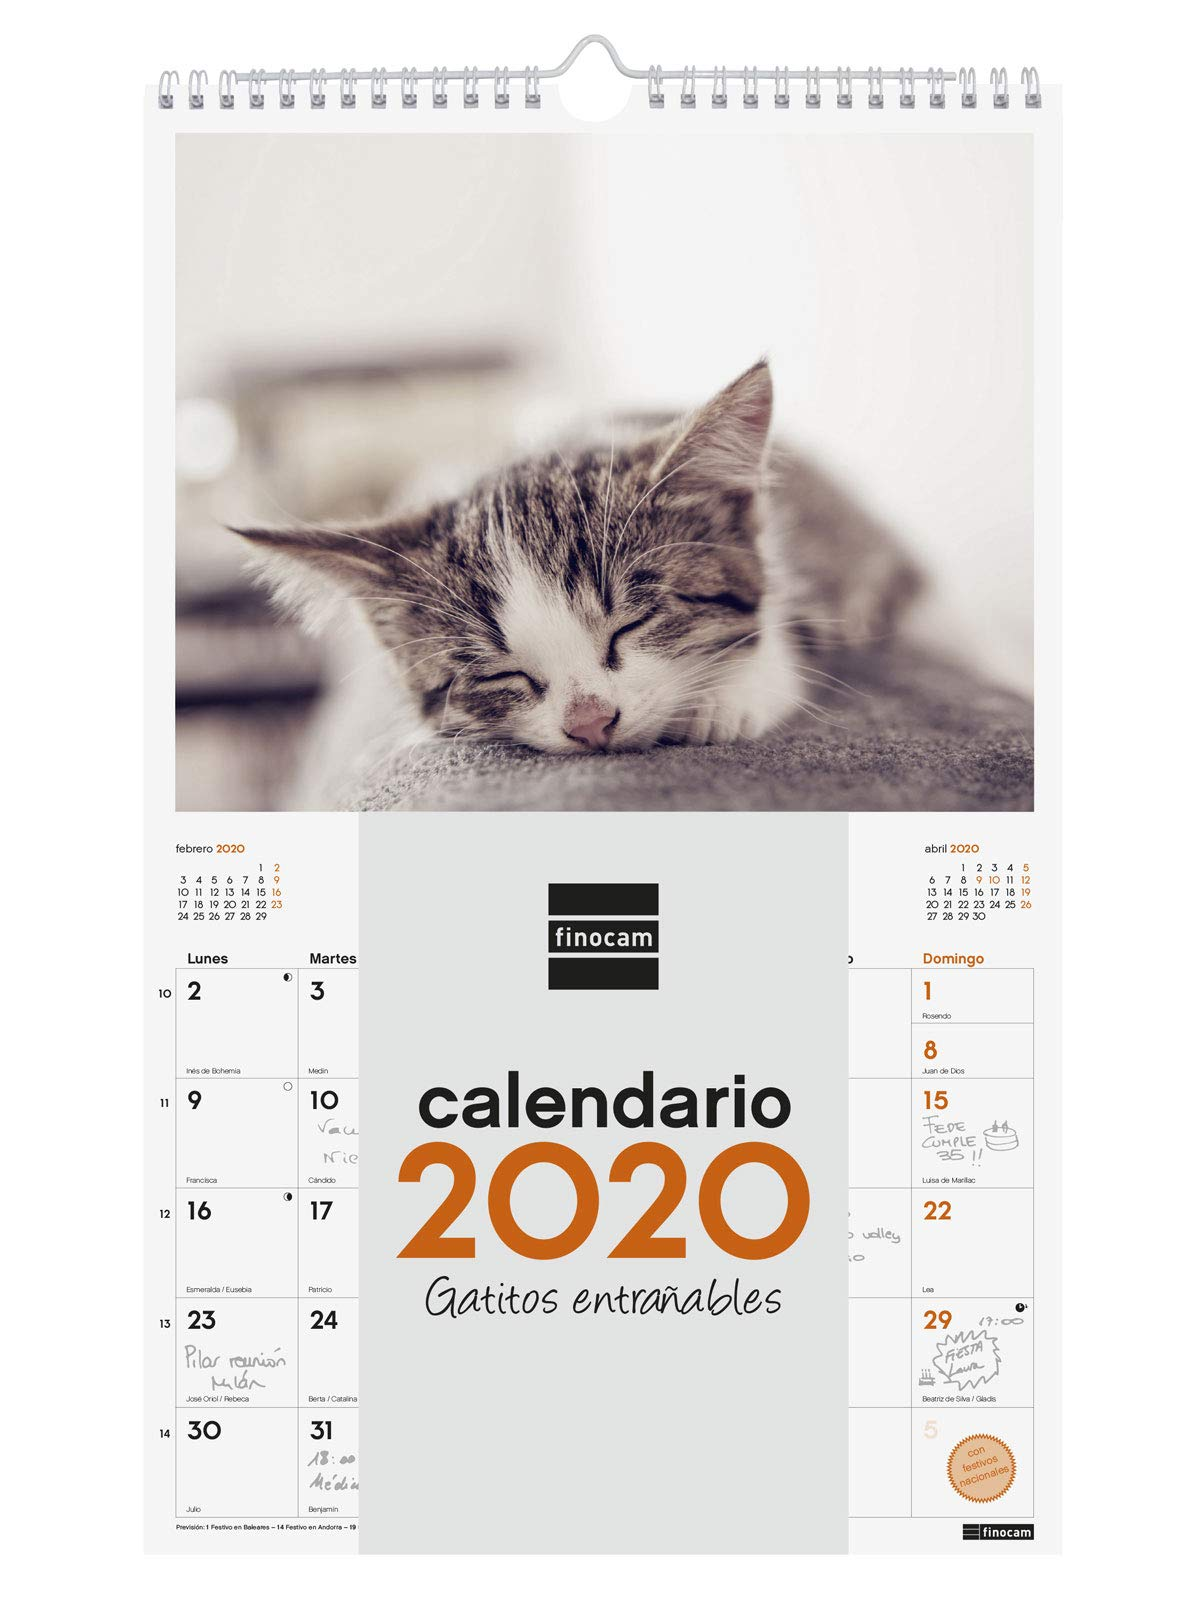 Finocam - Calendario de pared 2020 Imágenes Espiral 25x40 Gatitos español: Amazon.es: Oficina y papelería